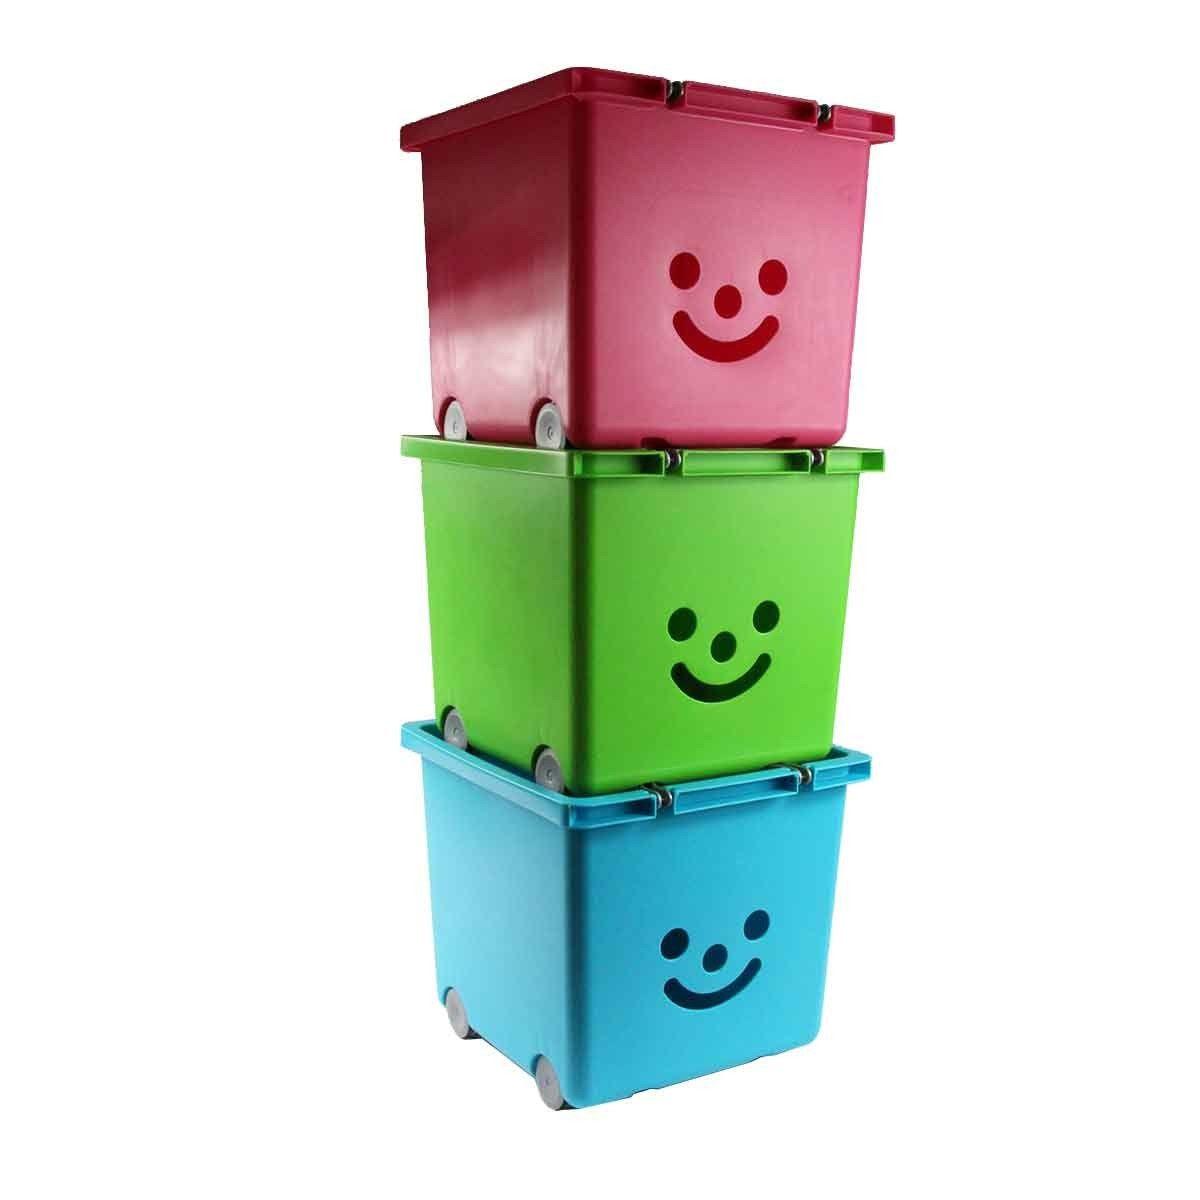 12 top Caisse De Rangement Jouet | Rangement jouet, Caisse rangement, Rangement